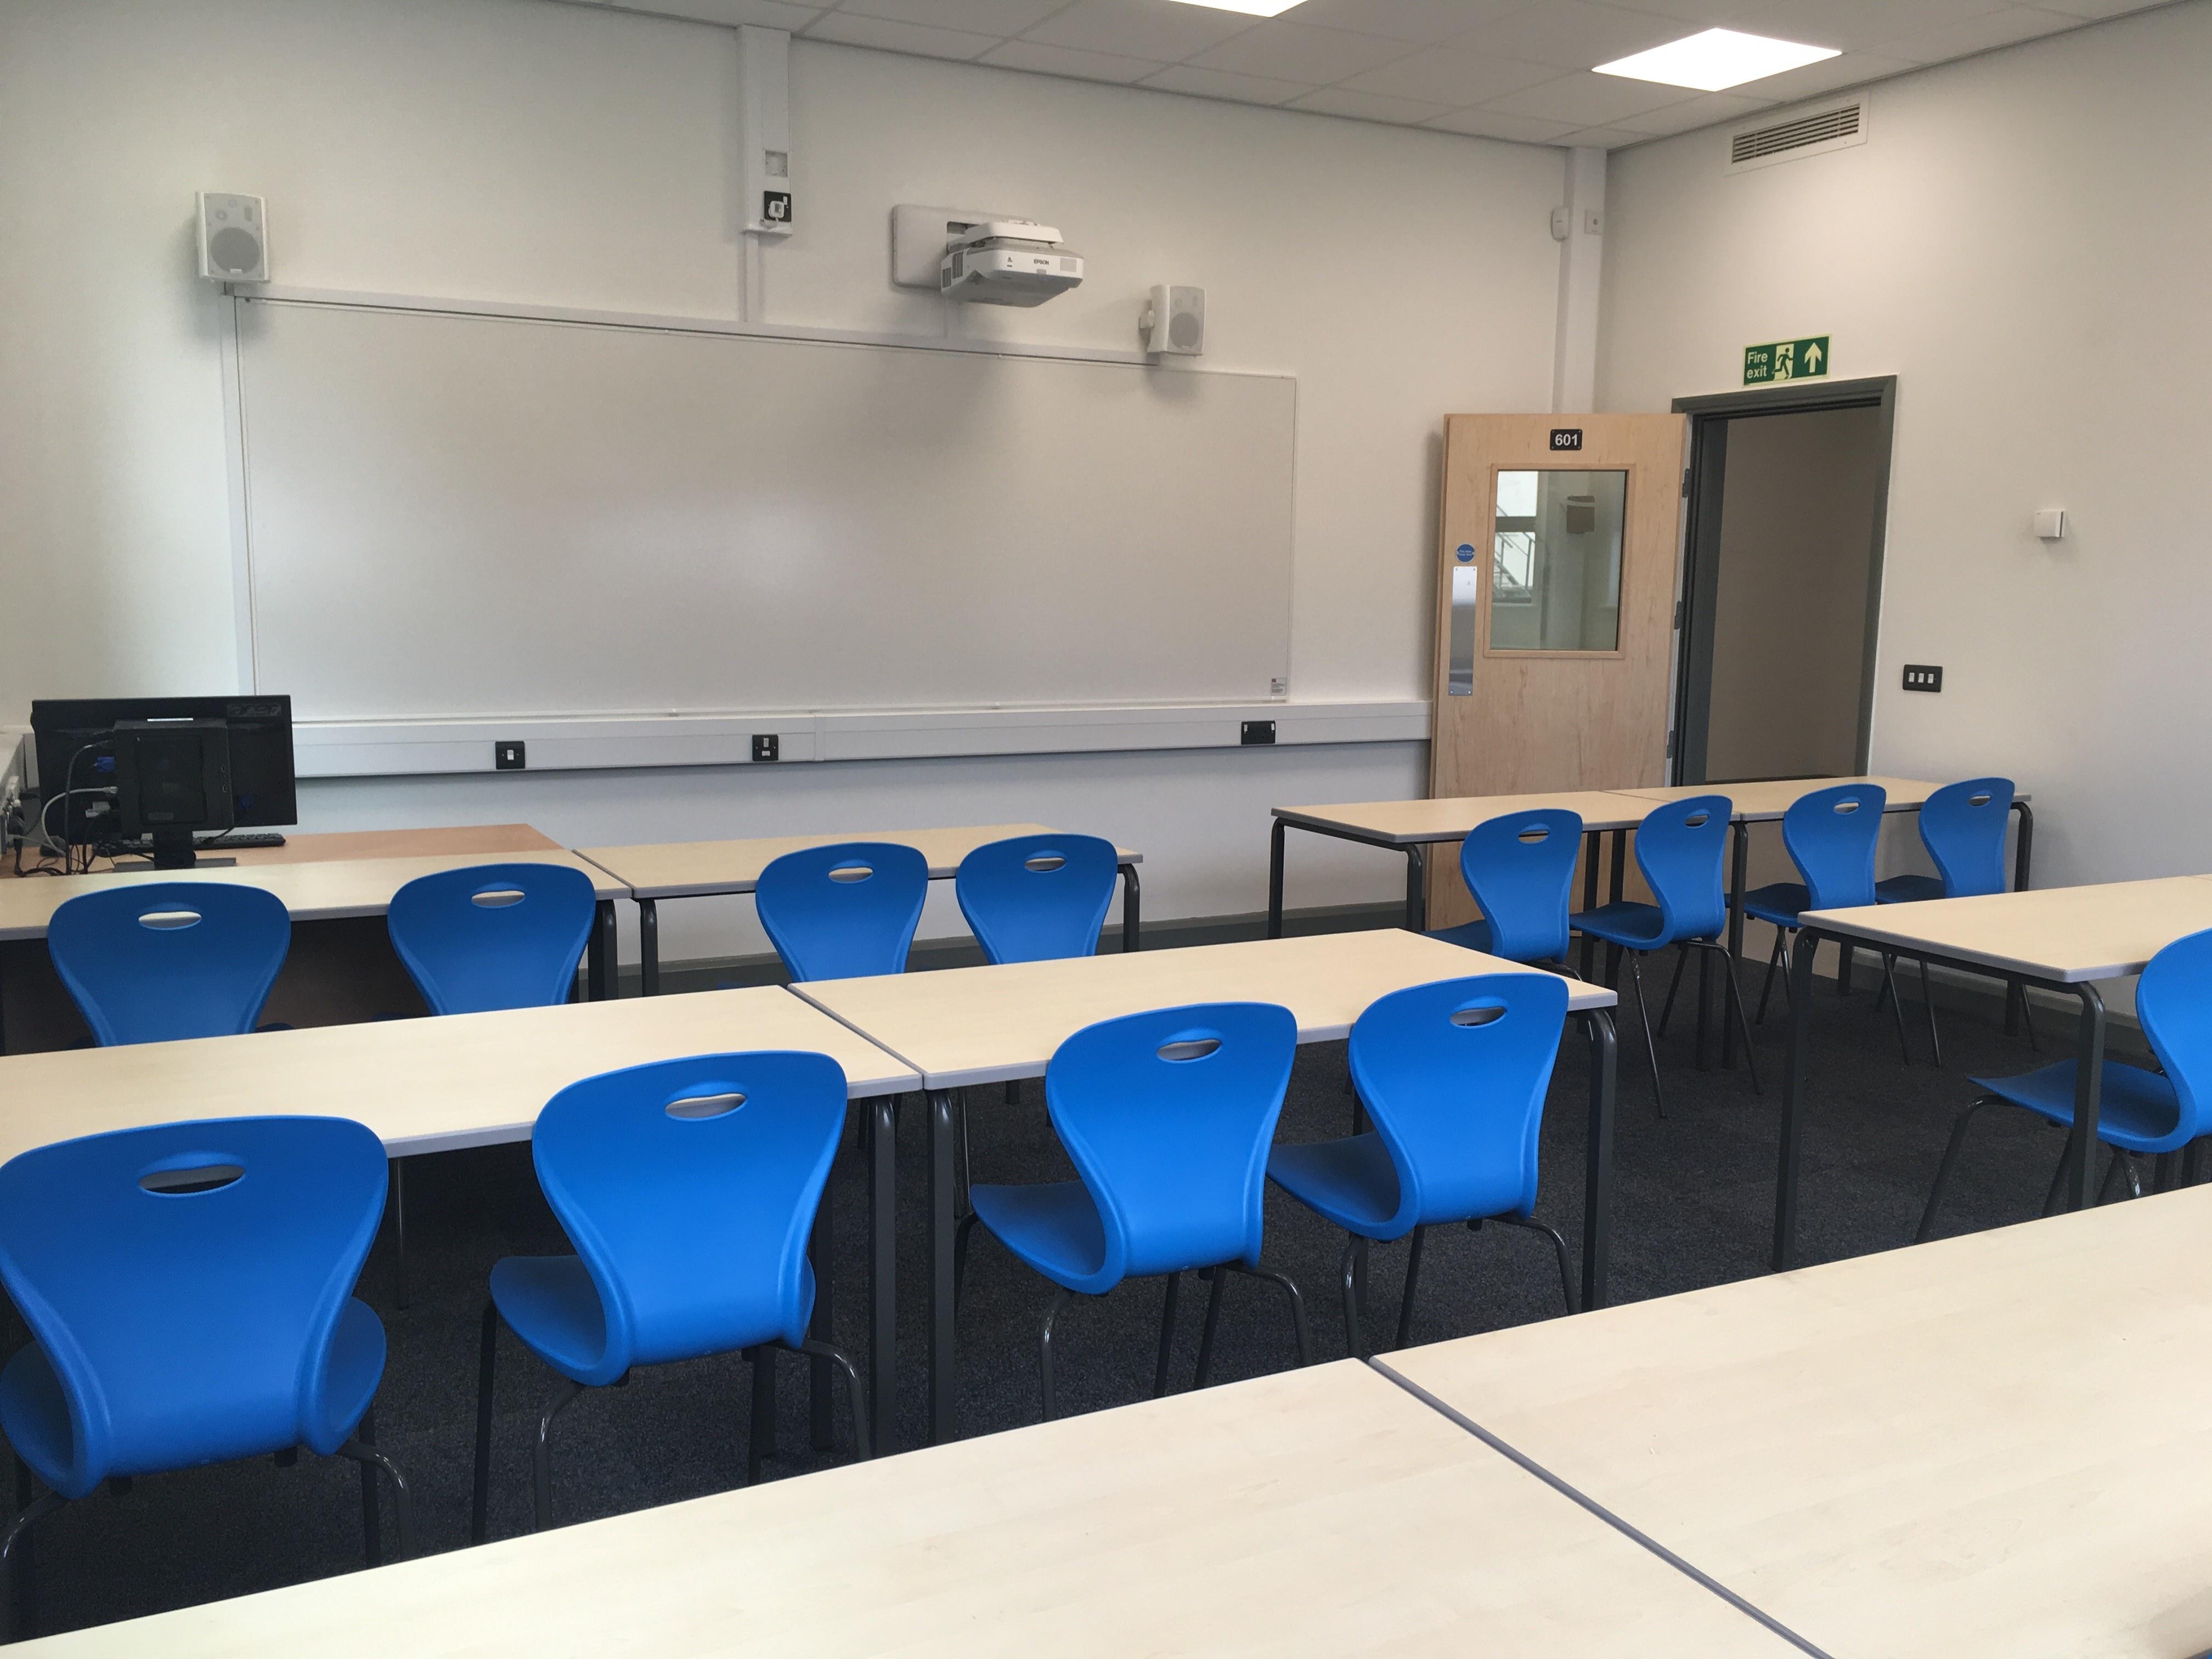 General Classroom